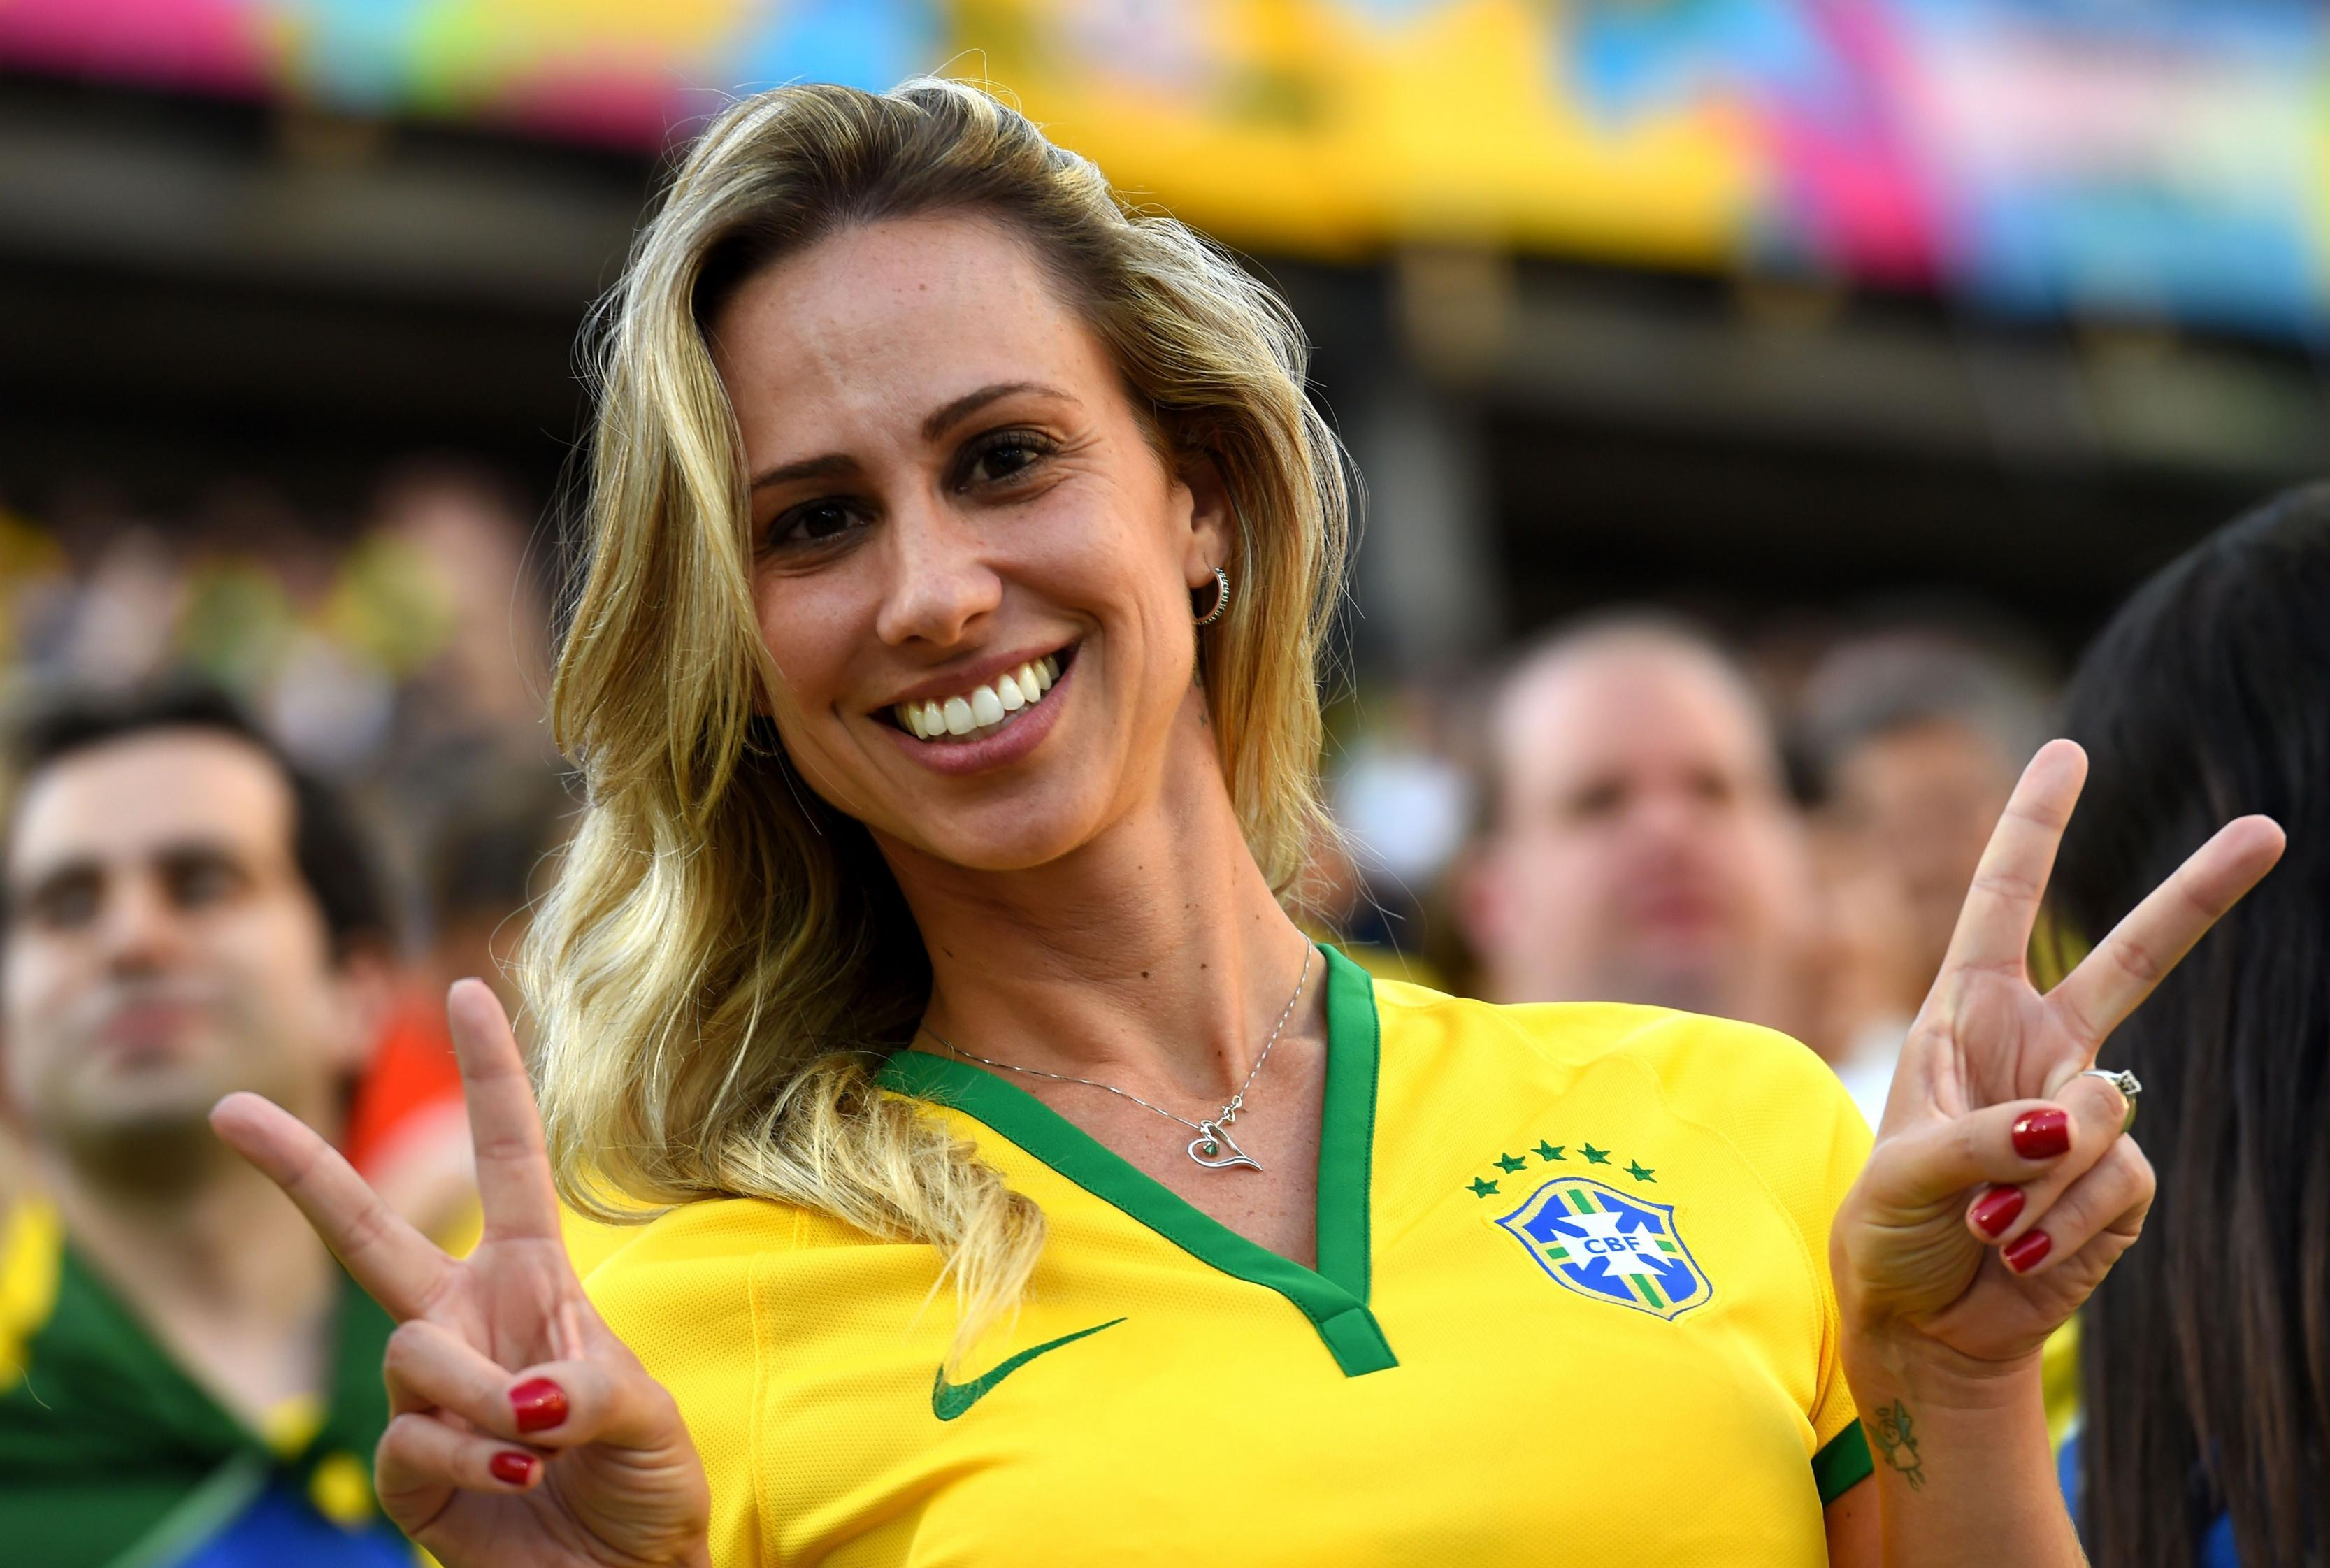 بالصور بنات البرازيل , بنات اجمل بلاد العالم 6717 4